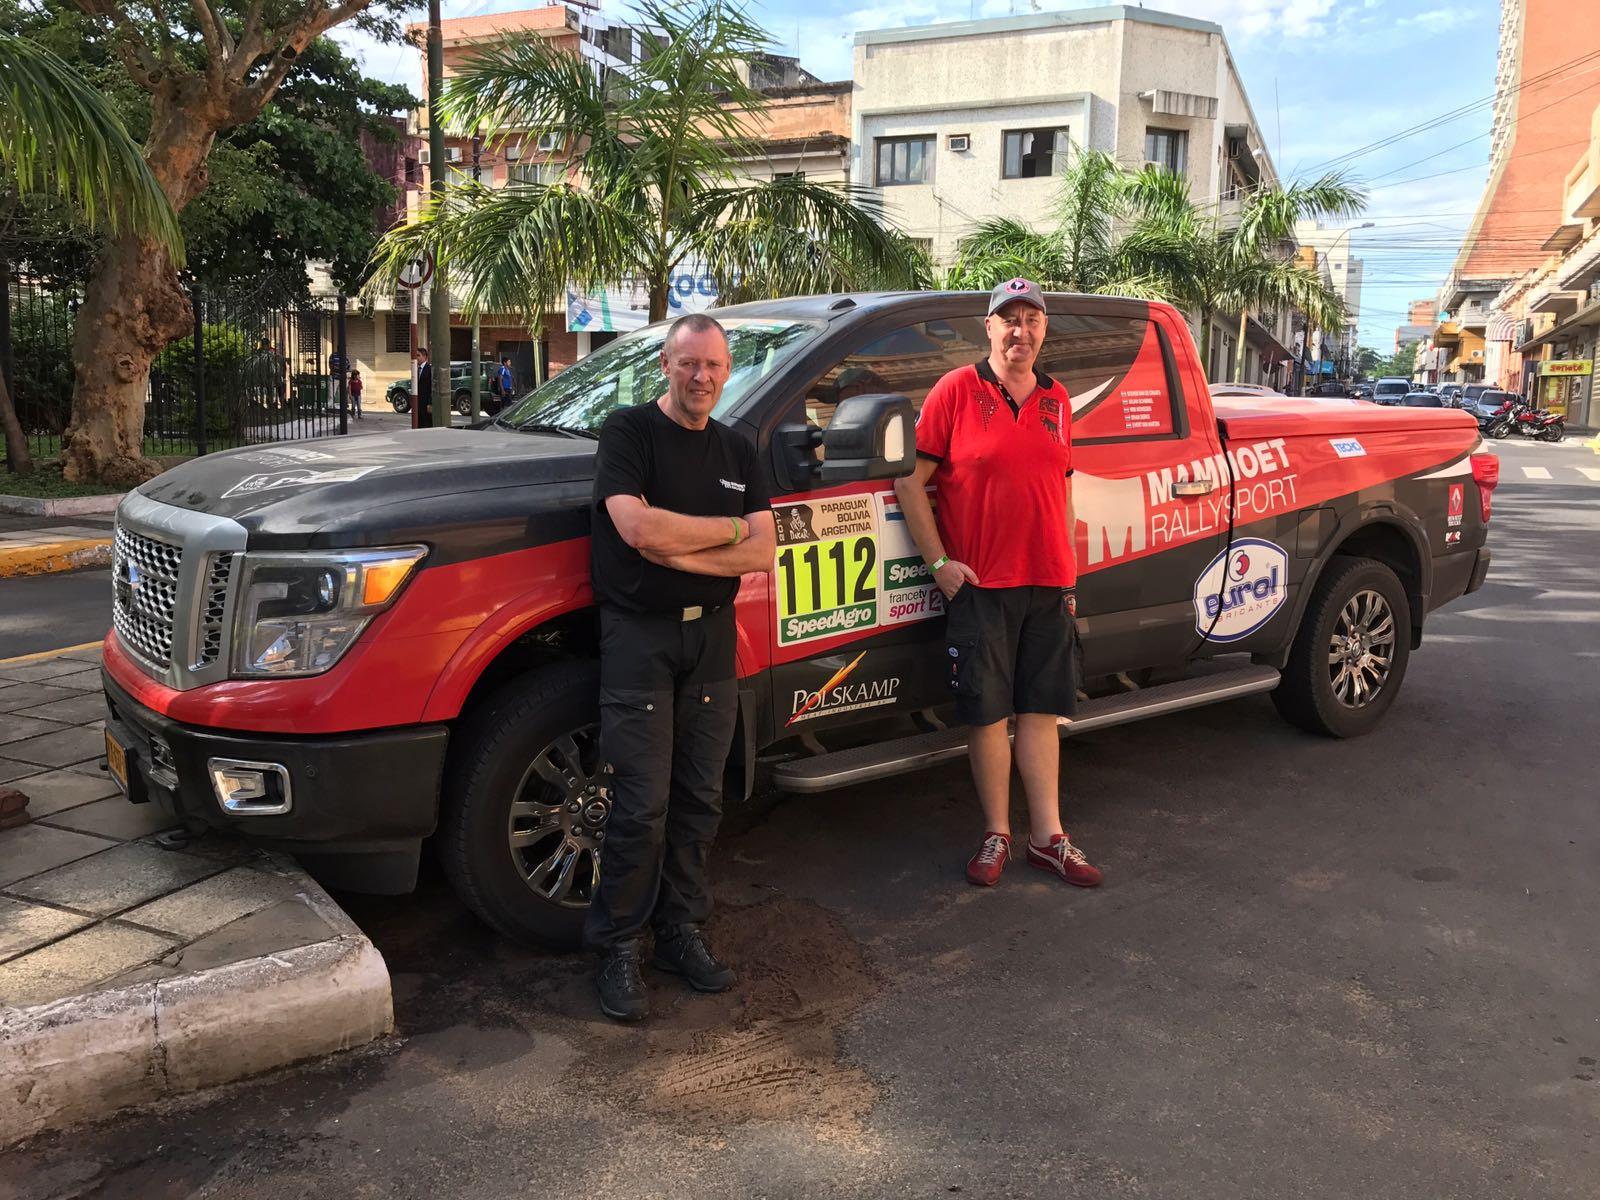 Mammoet rallysport: Mediateam Mammoet Rallysport klaar voor de start